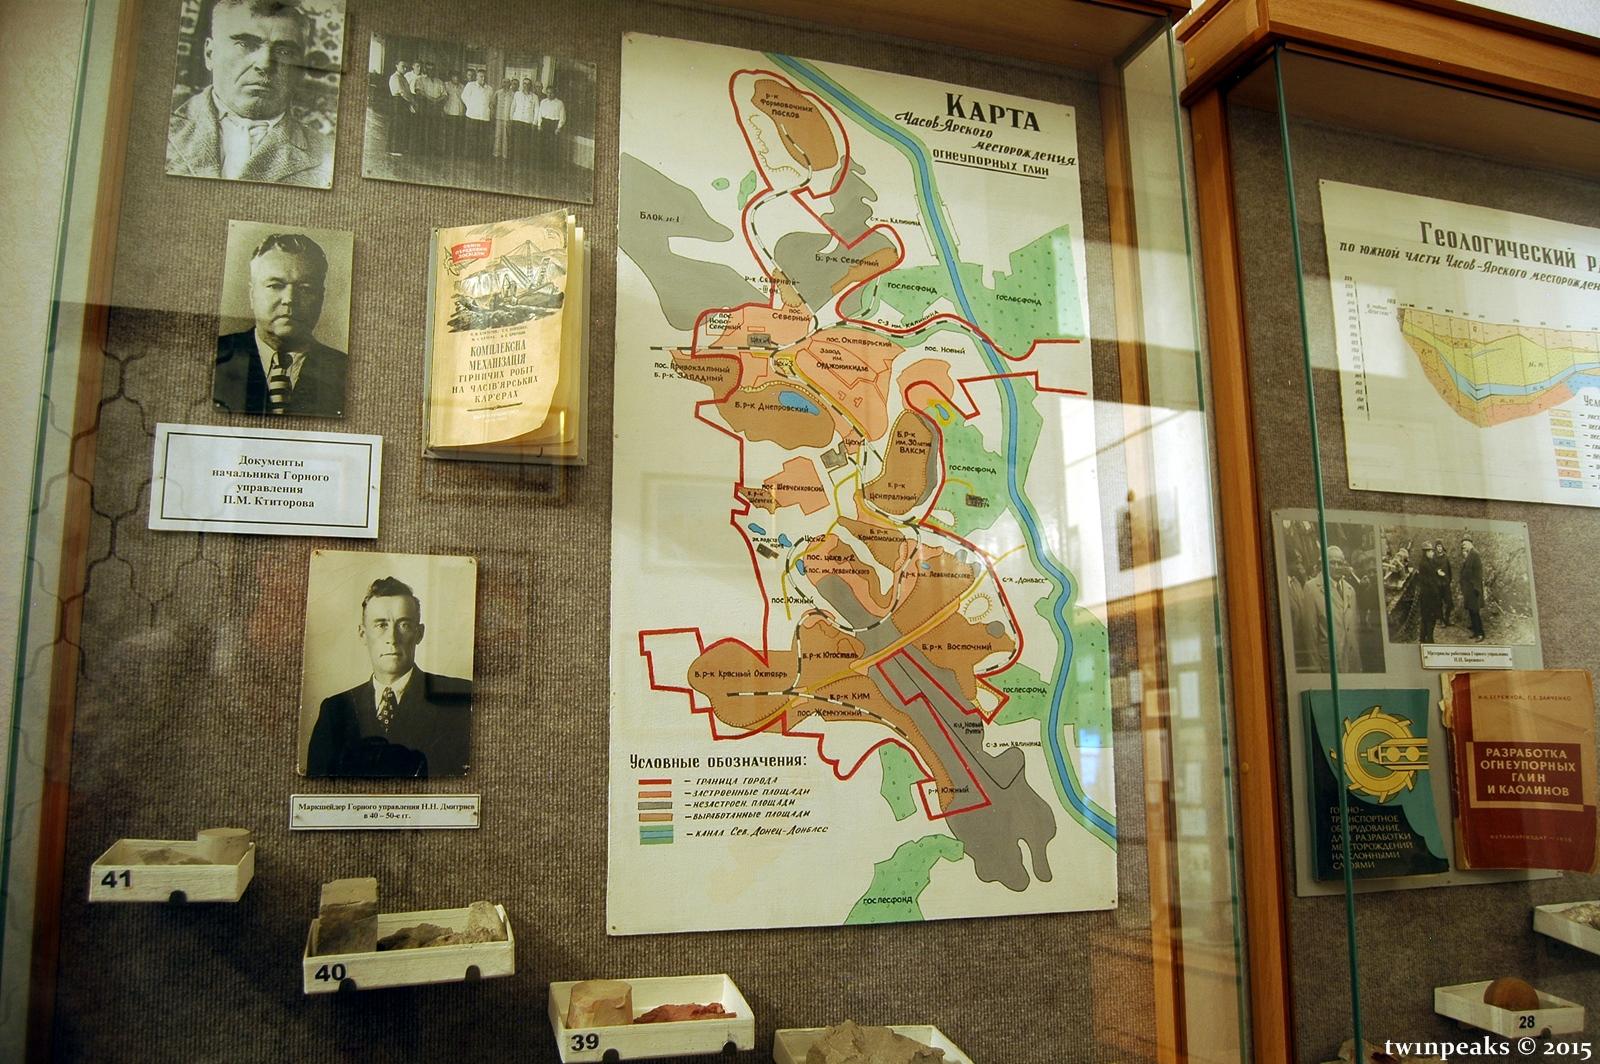 Карта Часов-Ярского месторождения огнеупорных глин.